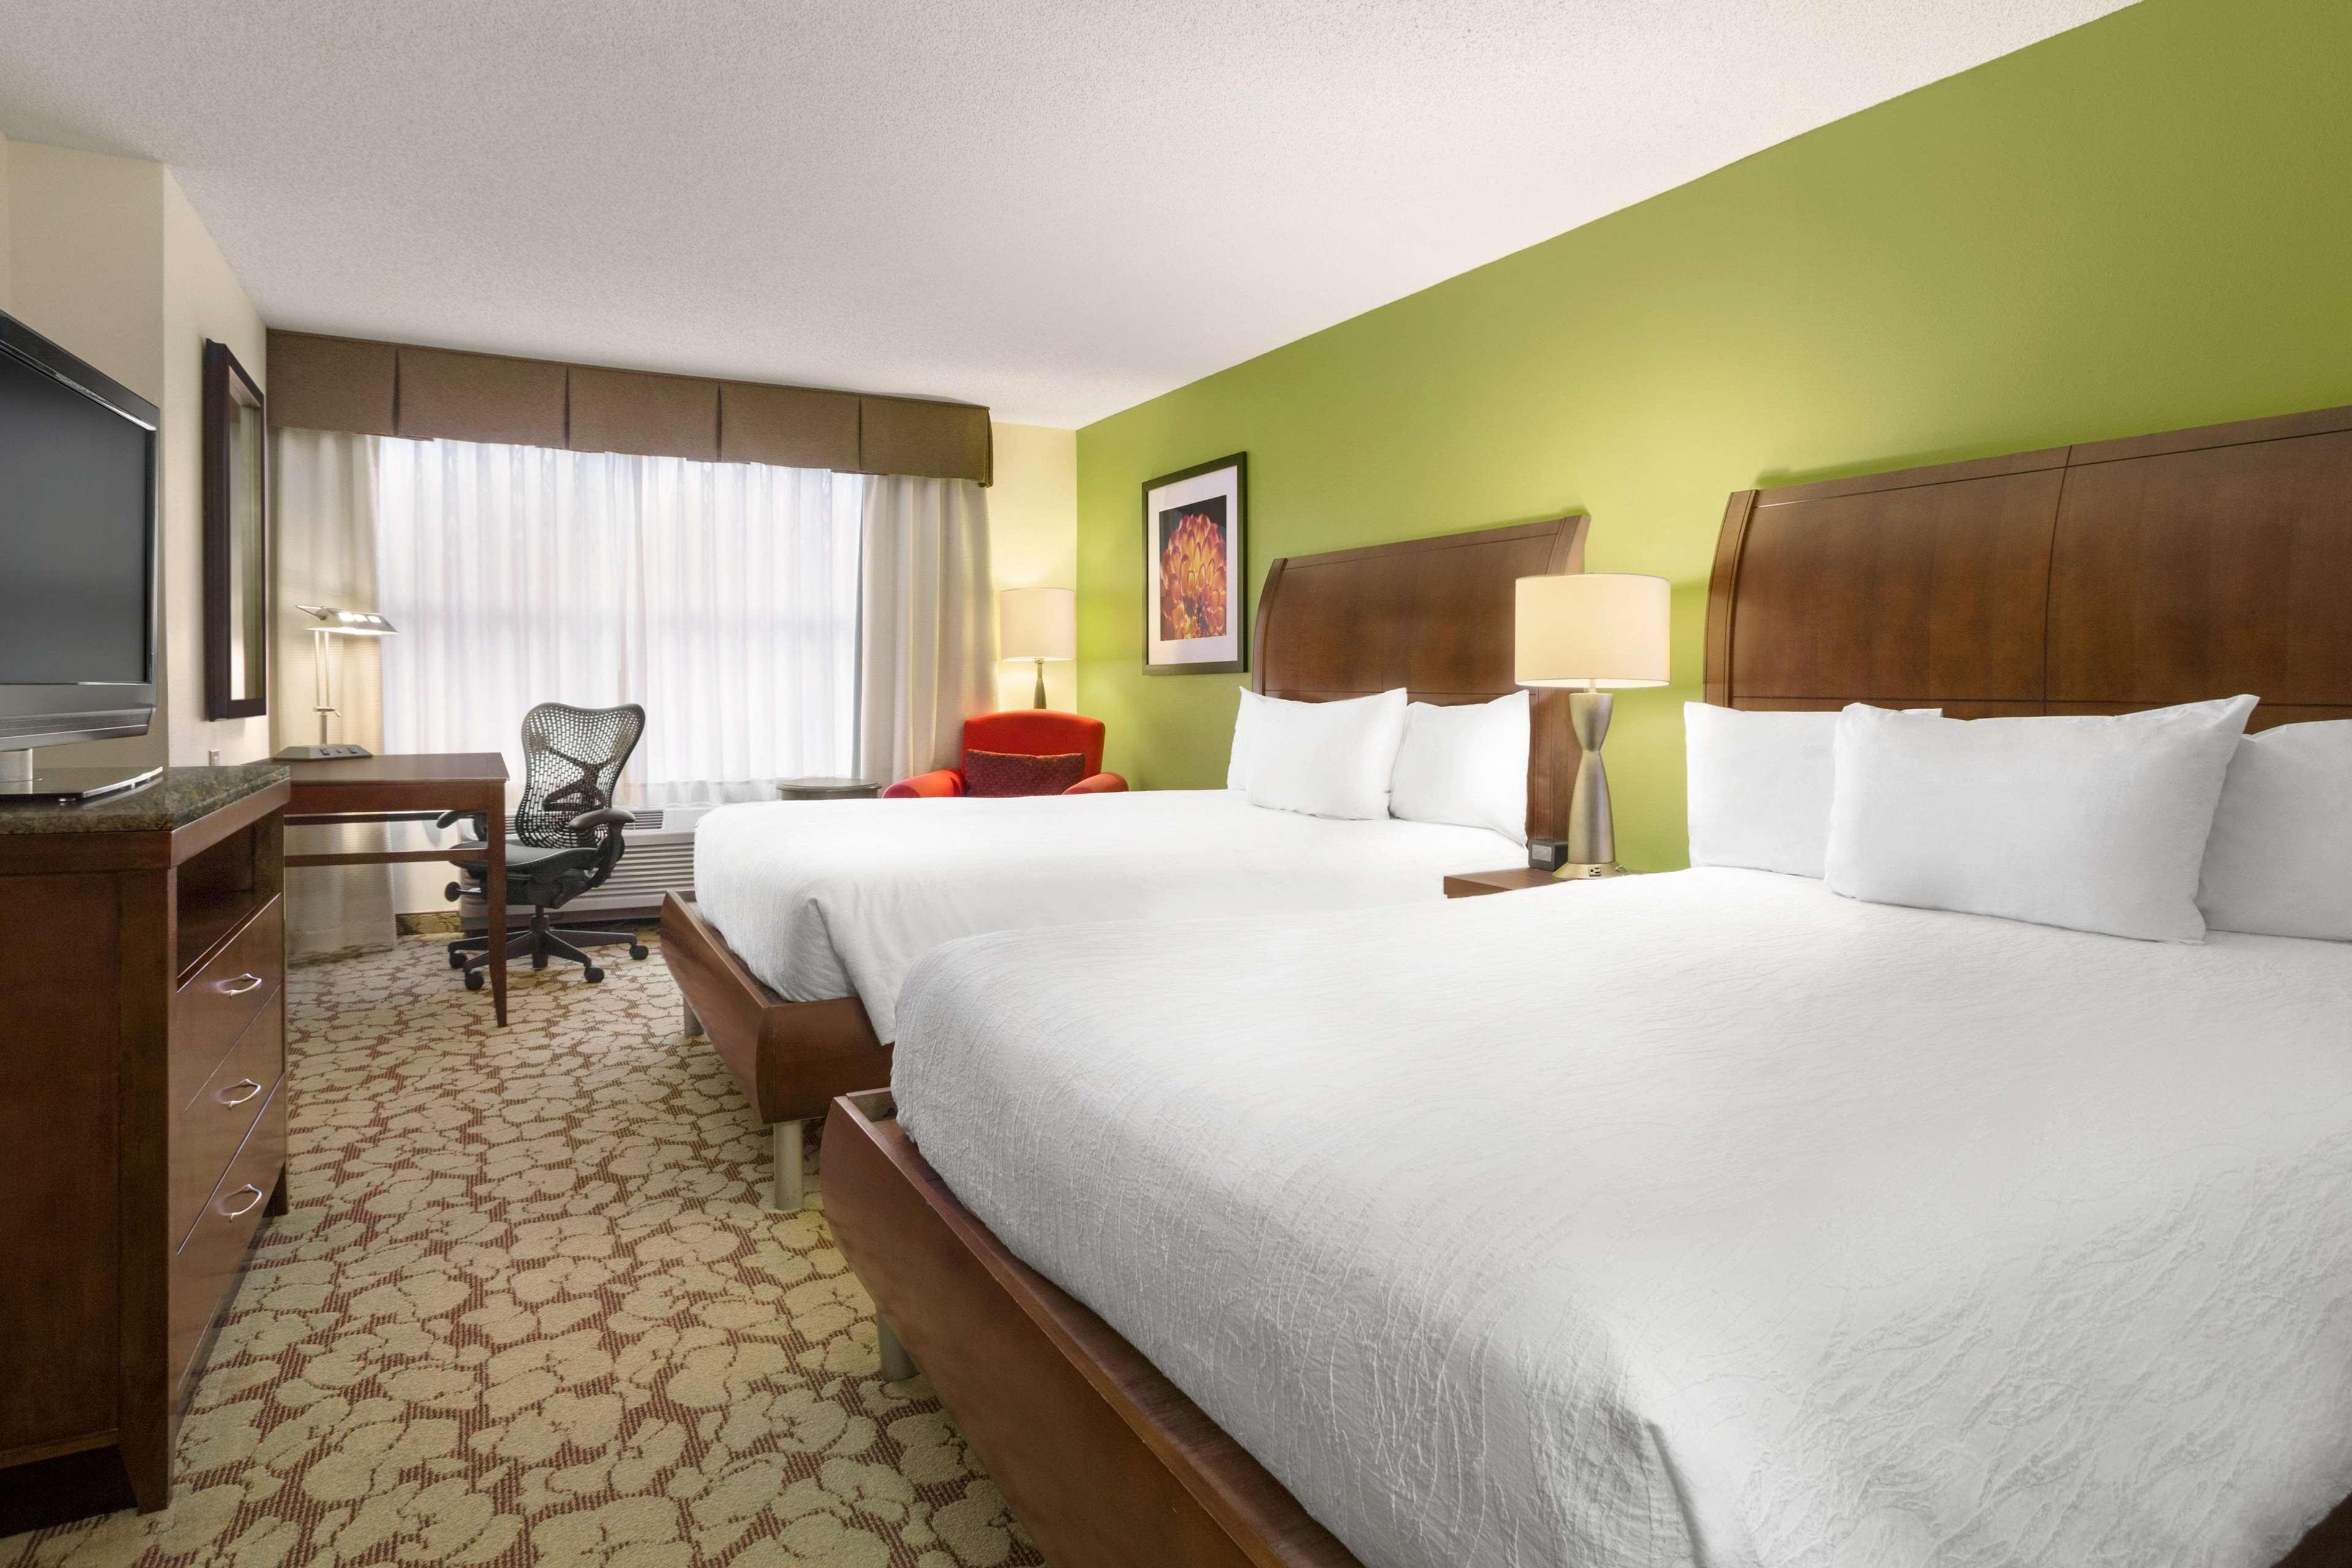 Hilton Garden Inn Atlanta Perimeter Center image 15